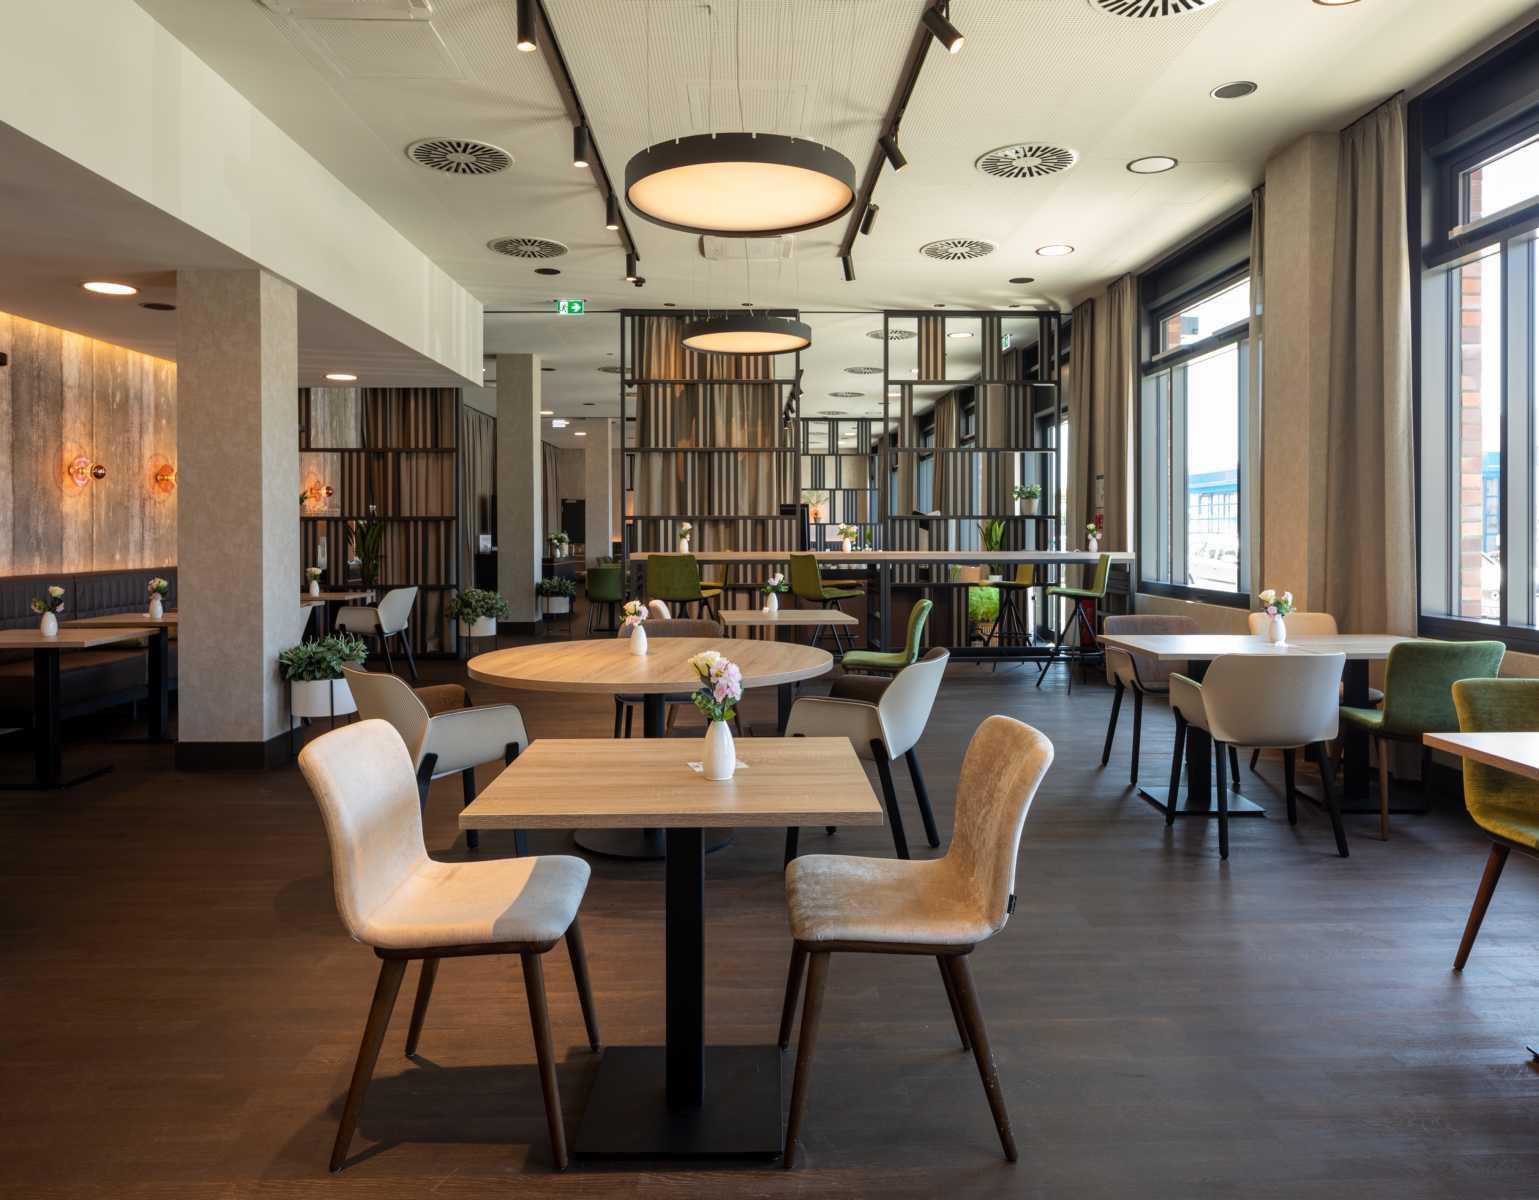 K1600_20200624_050_Prasch Buken Partner Architekten ©DUCKEK NH Hotels niu Hotels Mannheim__G9A5672-Pano